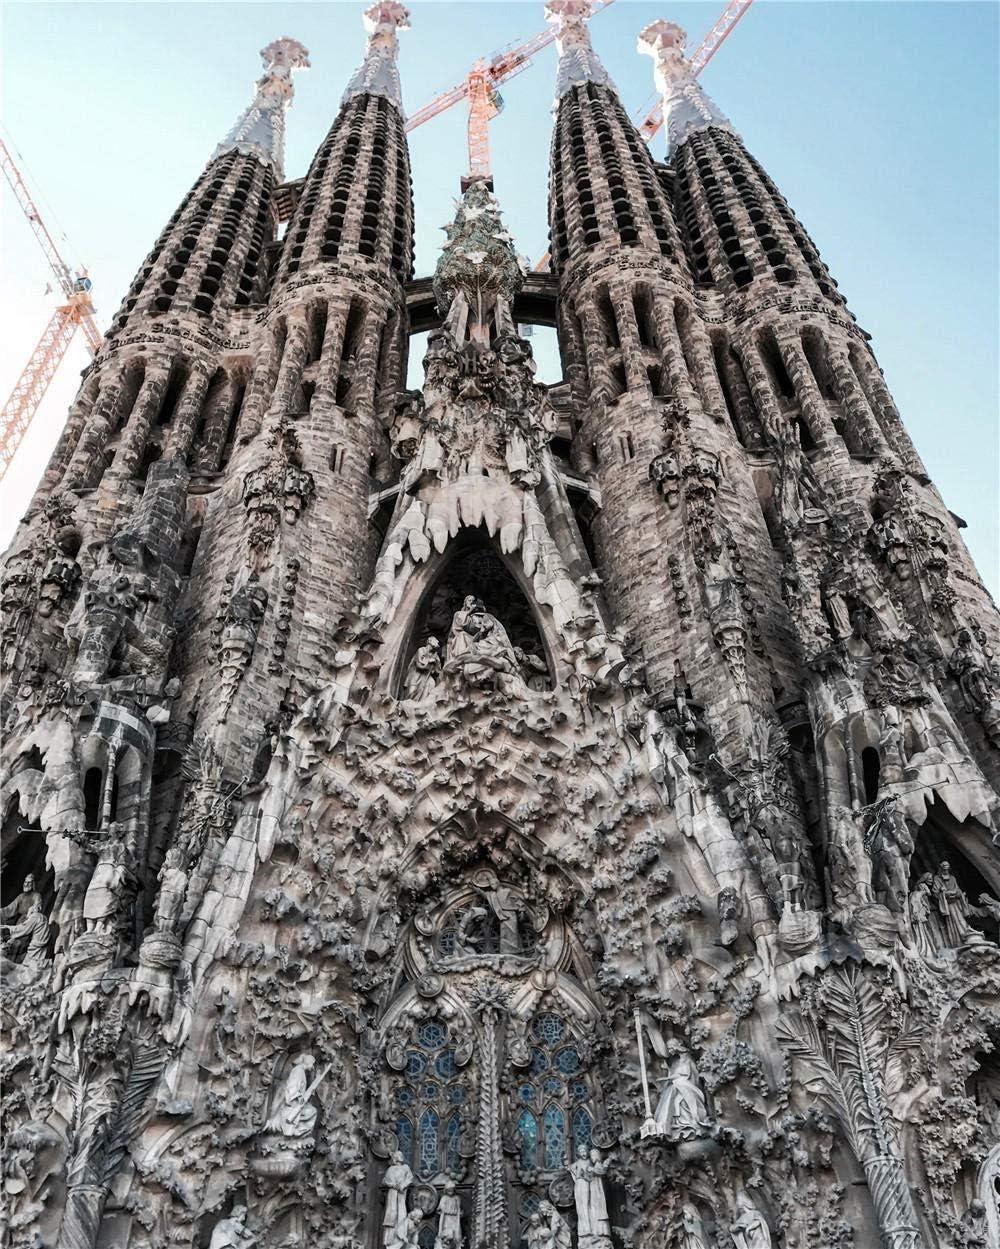 ELLCDRJ Juego de Rompecabezas de 1000 Piezas Juego de Juguetes educativos Sagrada Familia Madrid España Rompecabezas de Juguete para niños Adultos Navidad Cumpleaños Regalos de año Nuevo: Amazon.es: Hogar